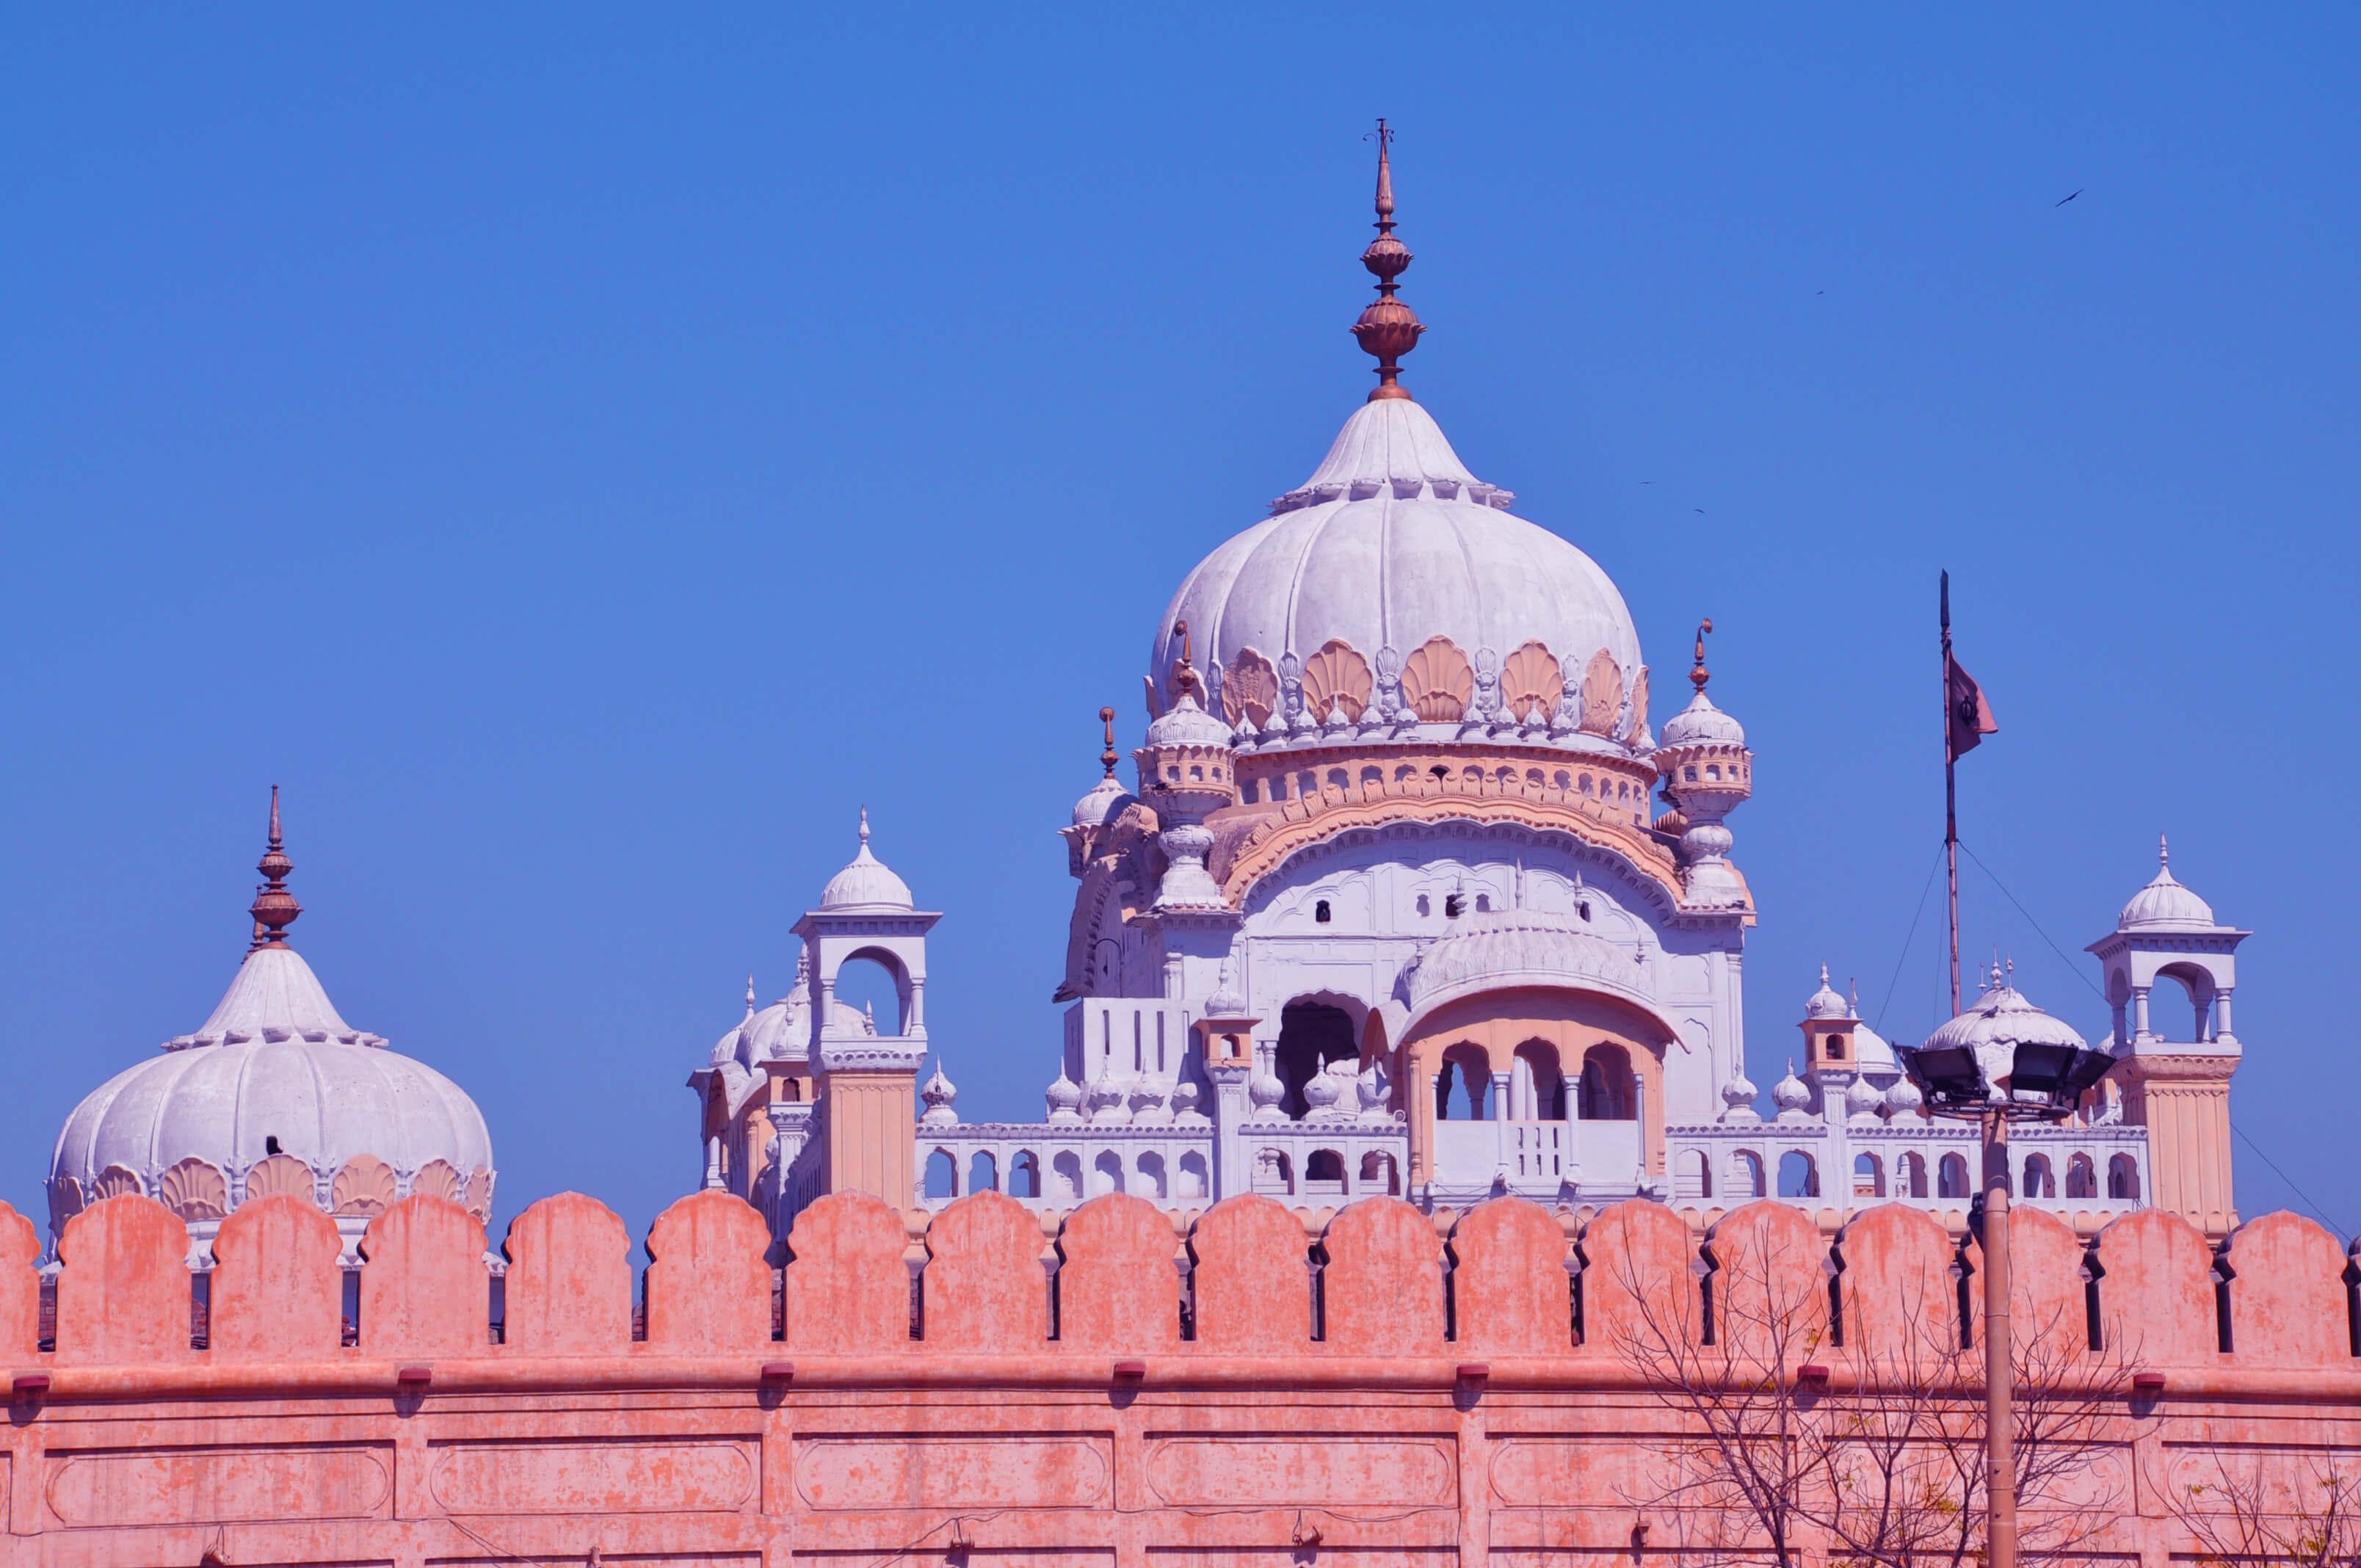 Edited1 1 - Gurdwara Dera Sahib